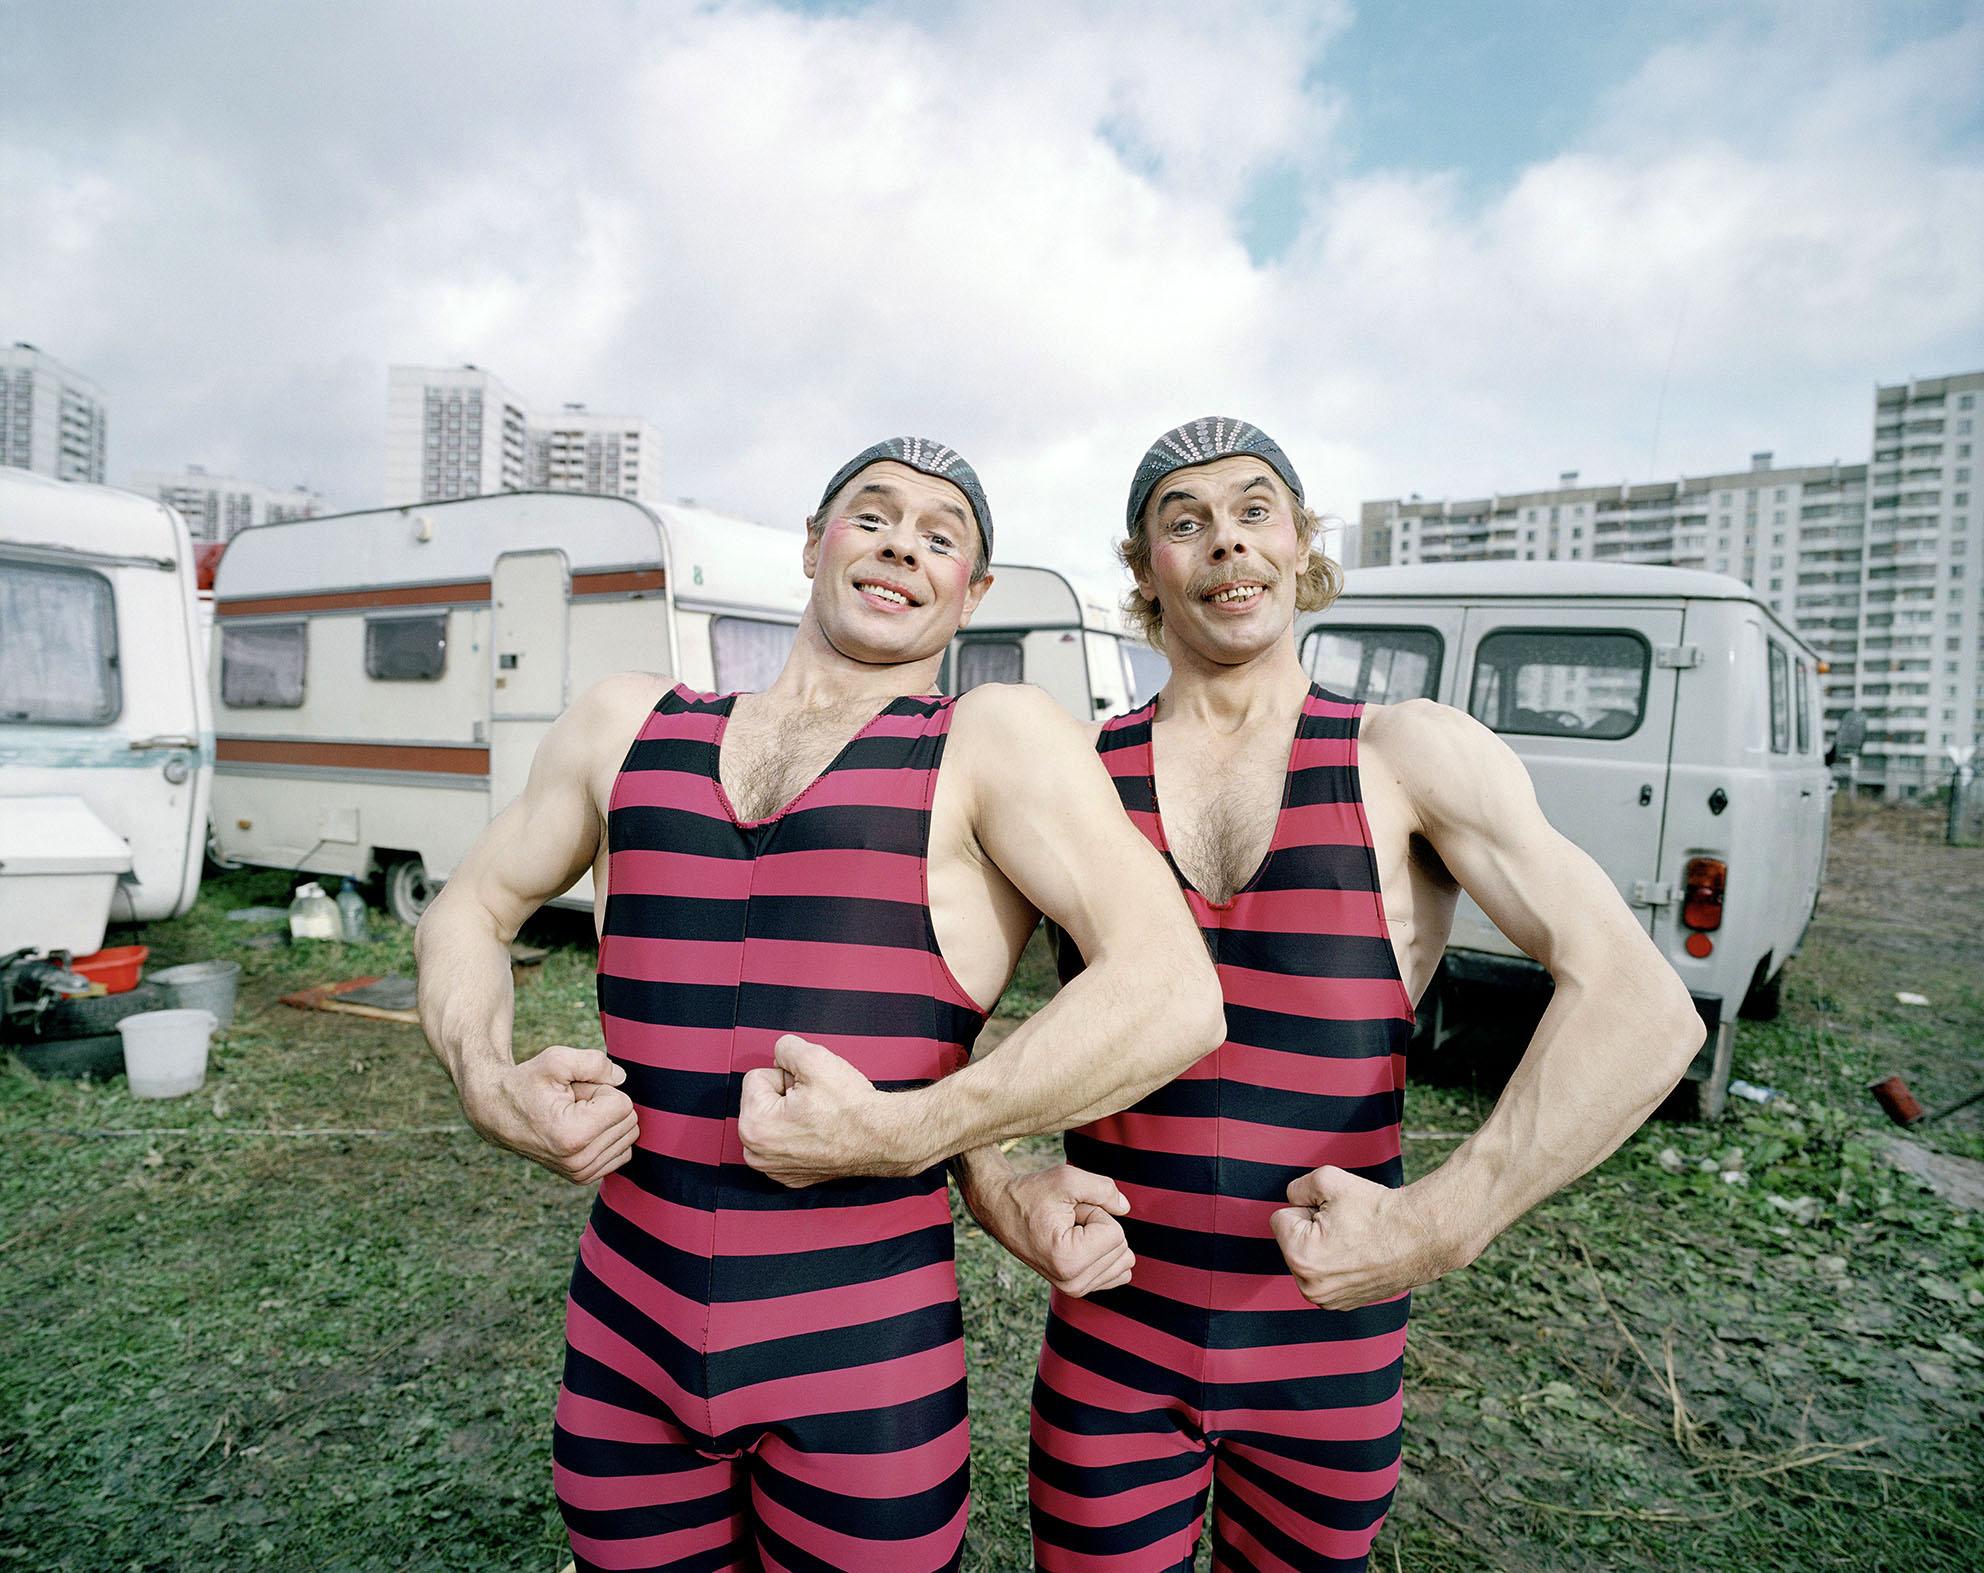 Russian Cirkus_Reiner Riedler_01